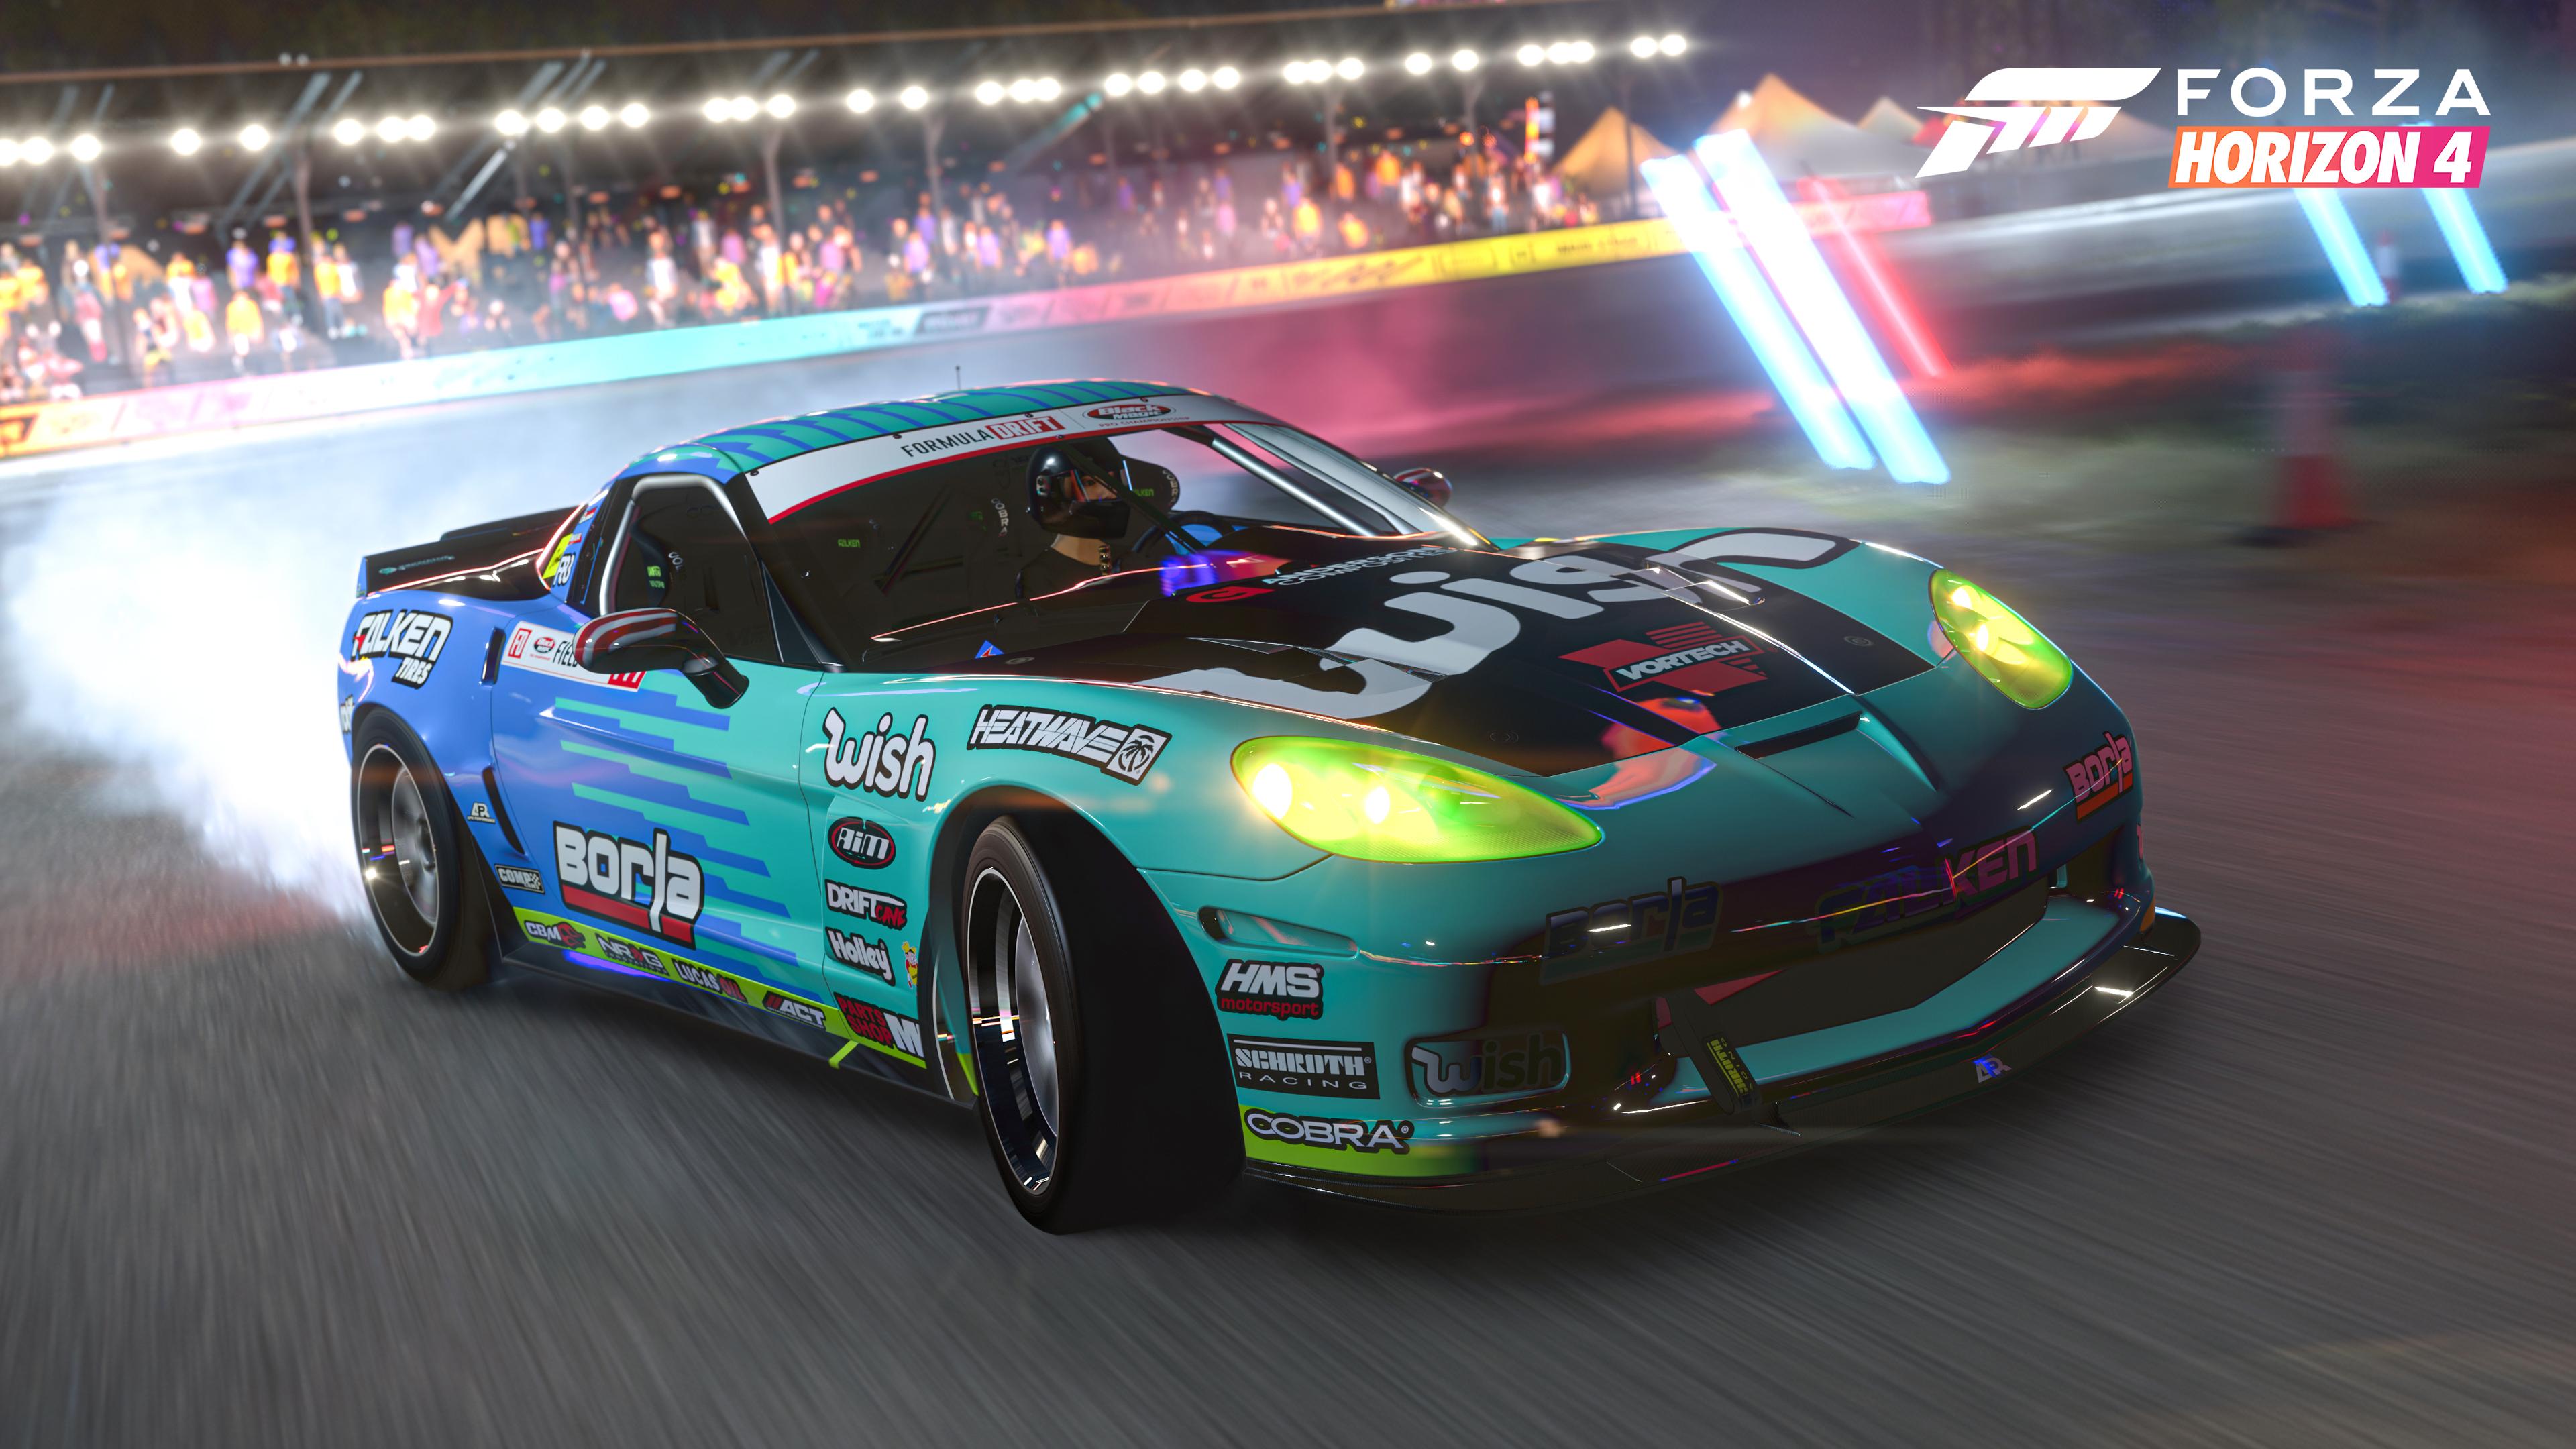 Chevrolet Formula Drift Corvette